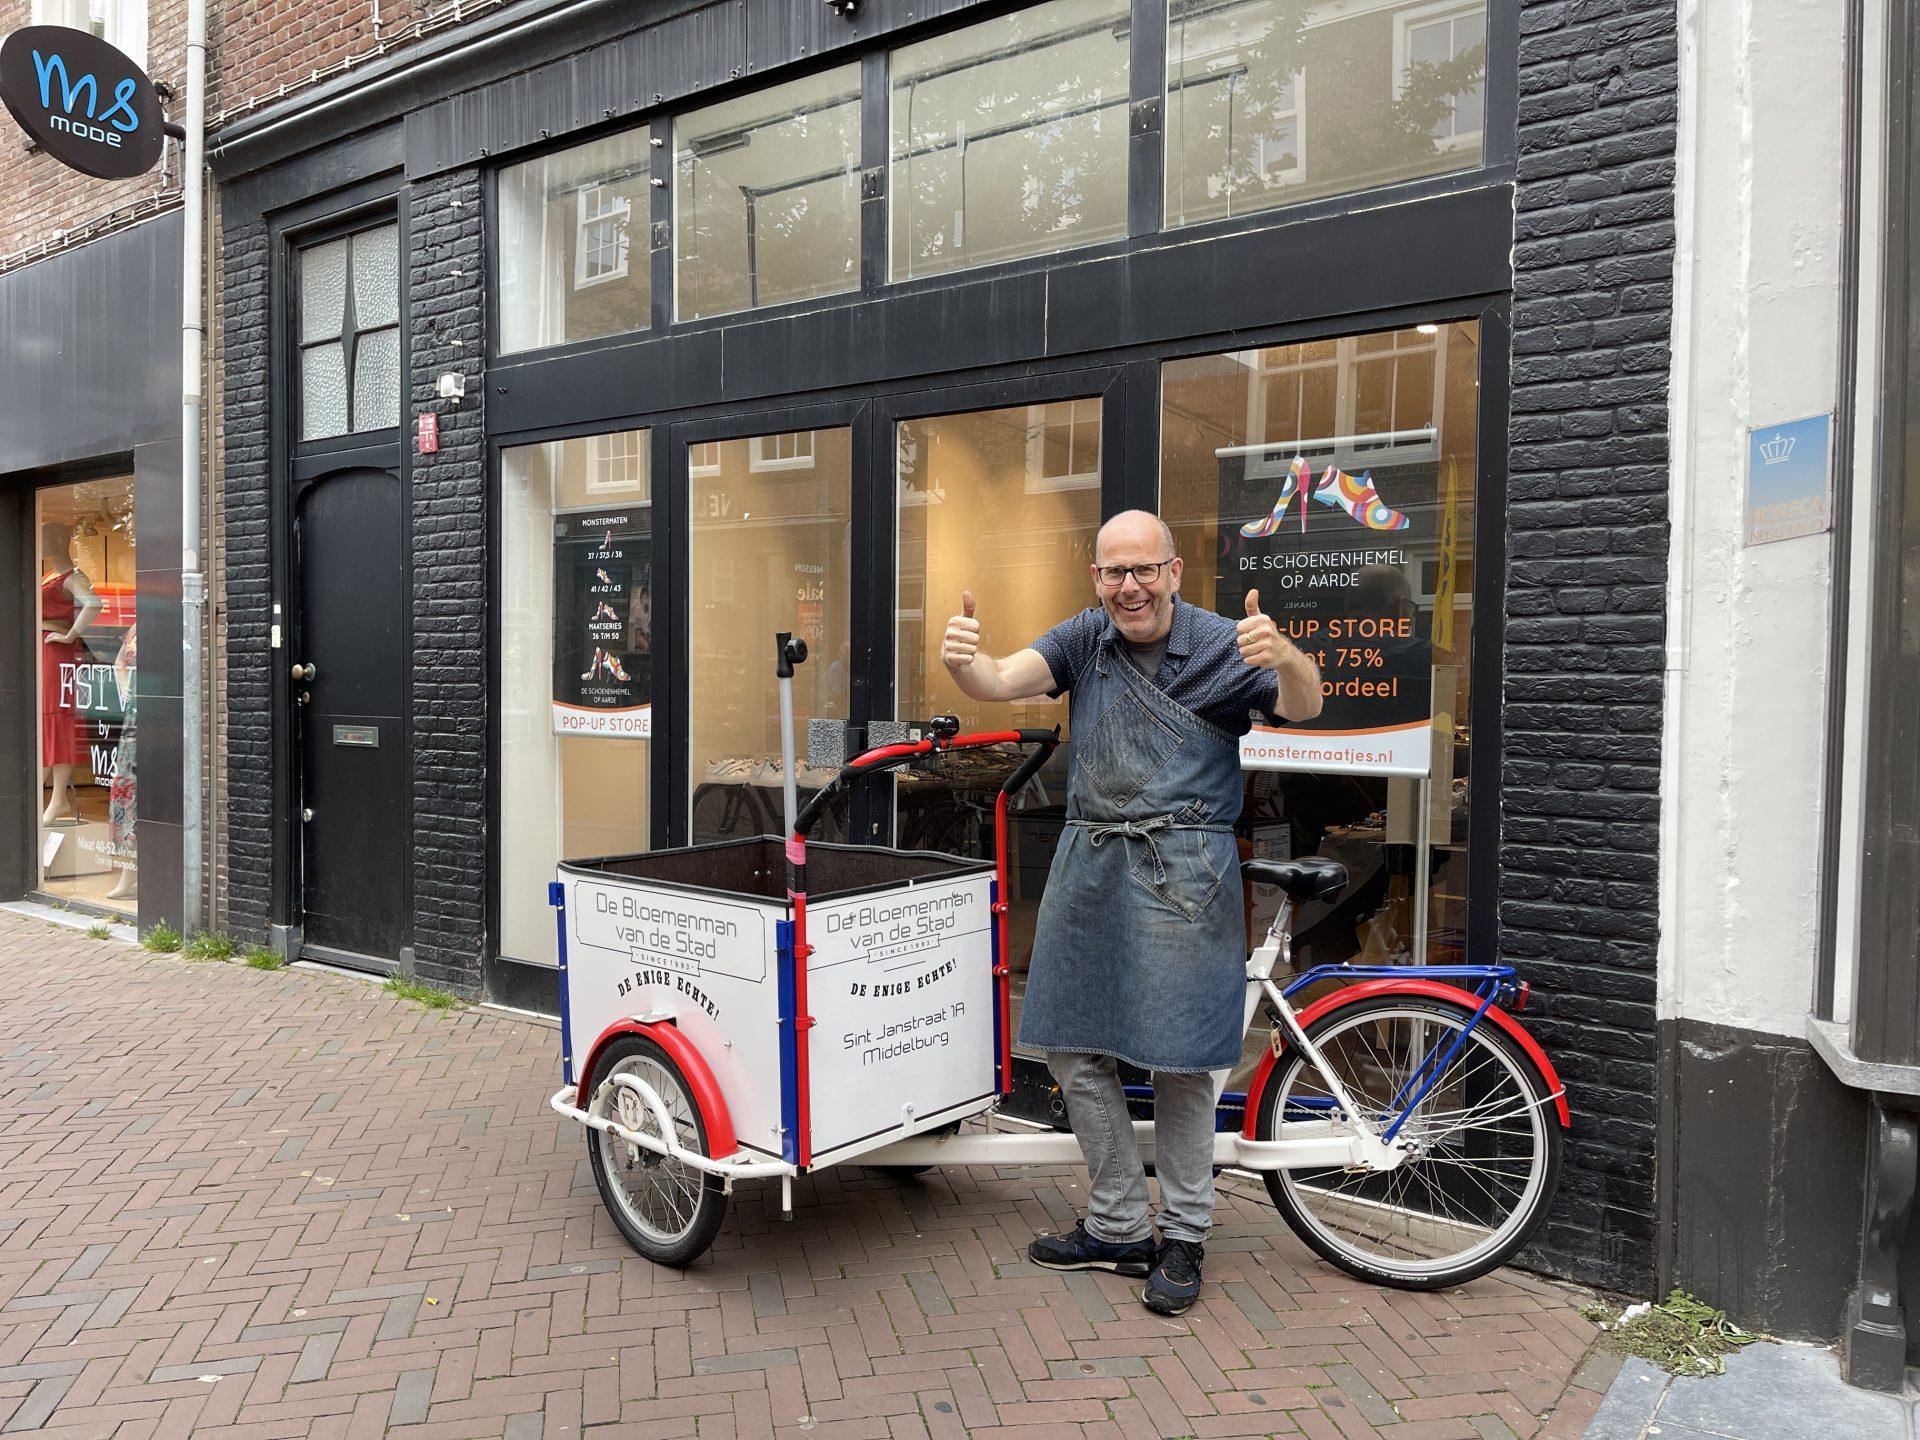 Afbeelding #001 voor het verhaal De Bloemenman van de stad verhuist naar de Lange Delft in november